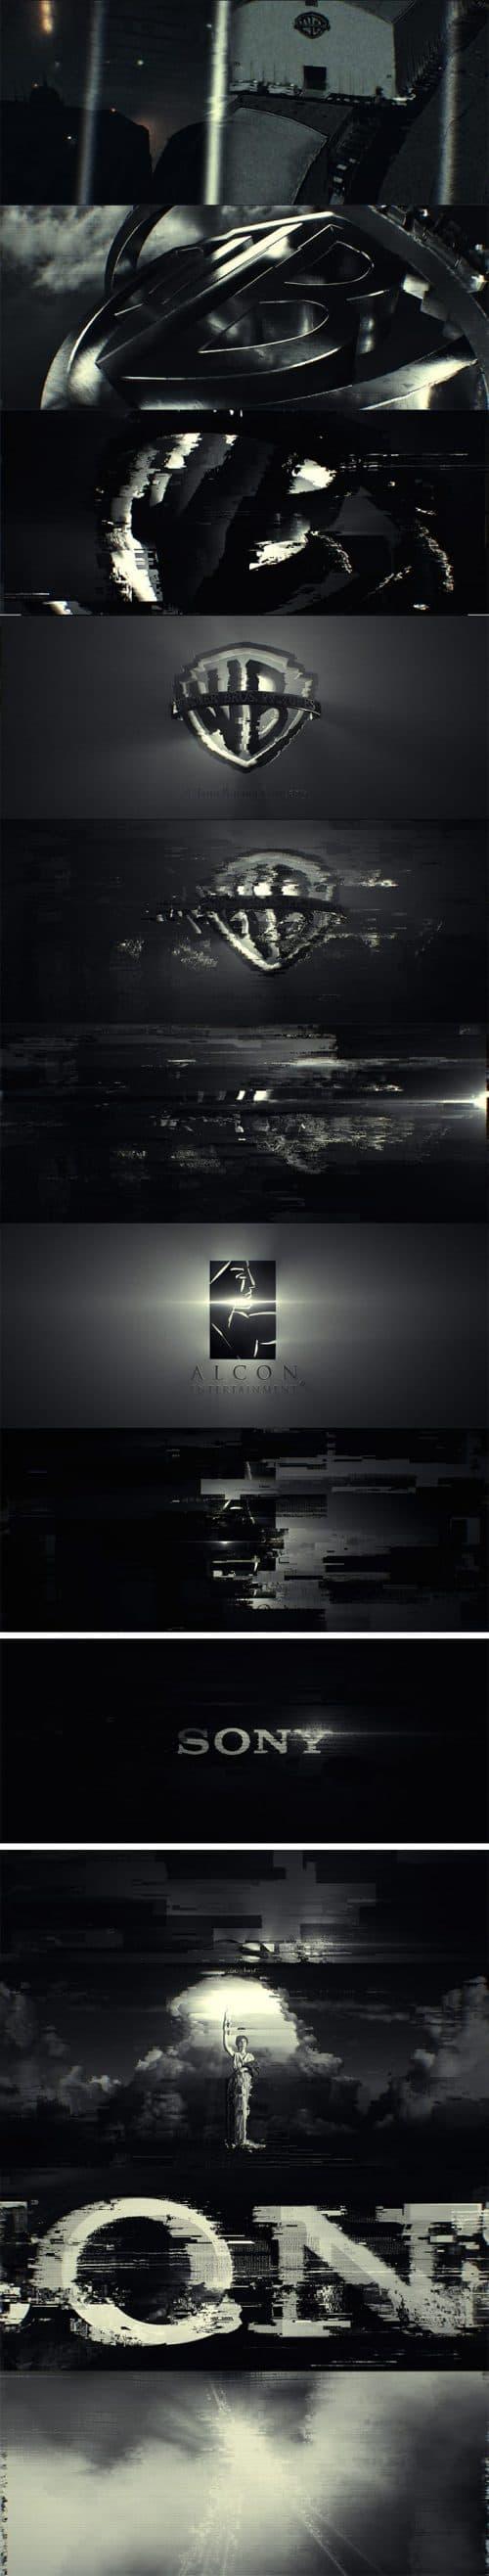 Bladerunner-Ident2